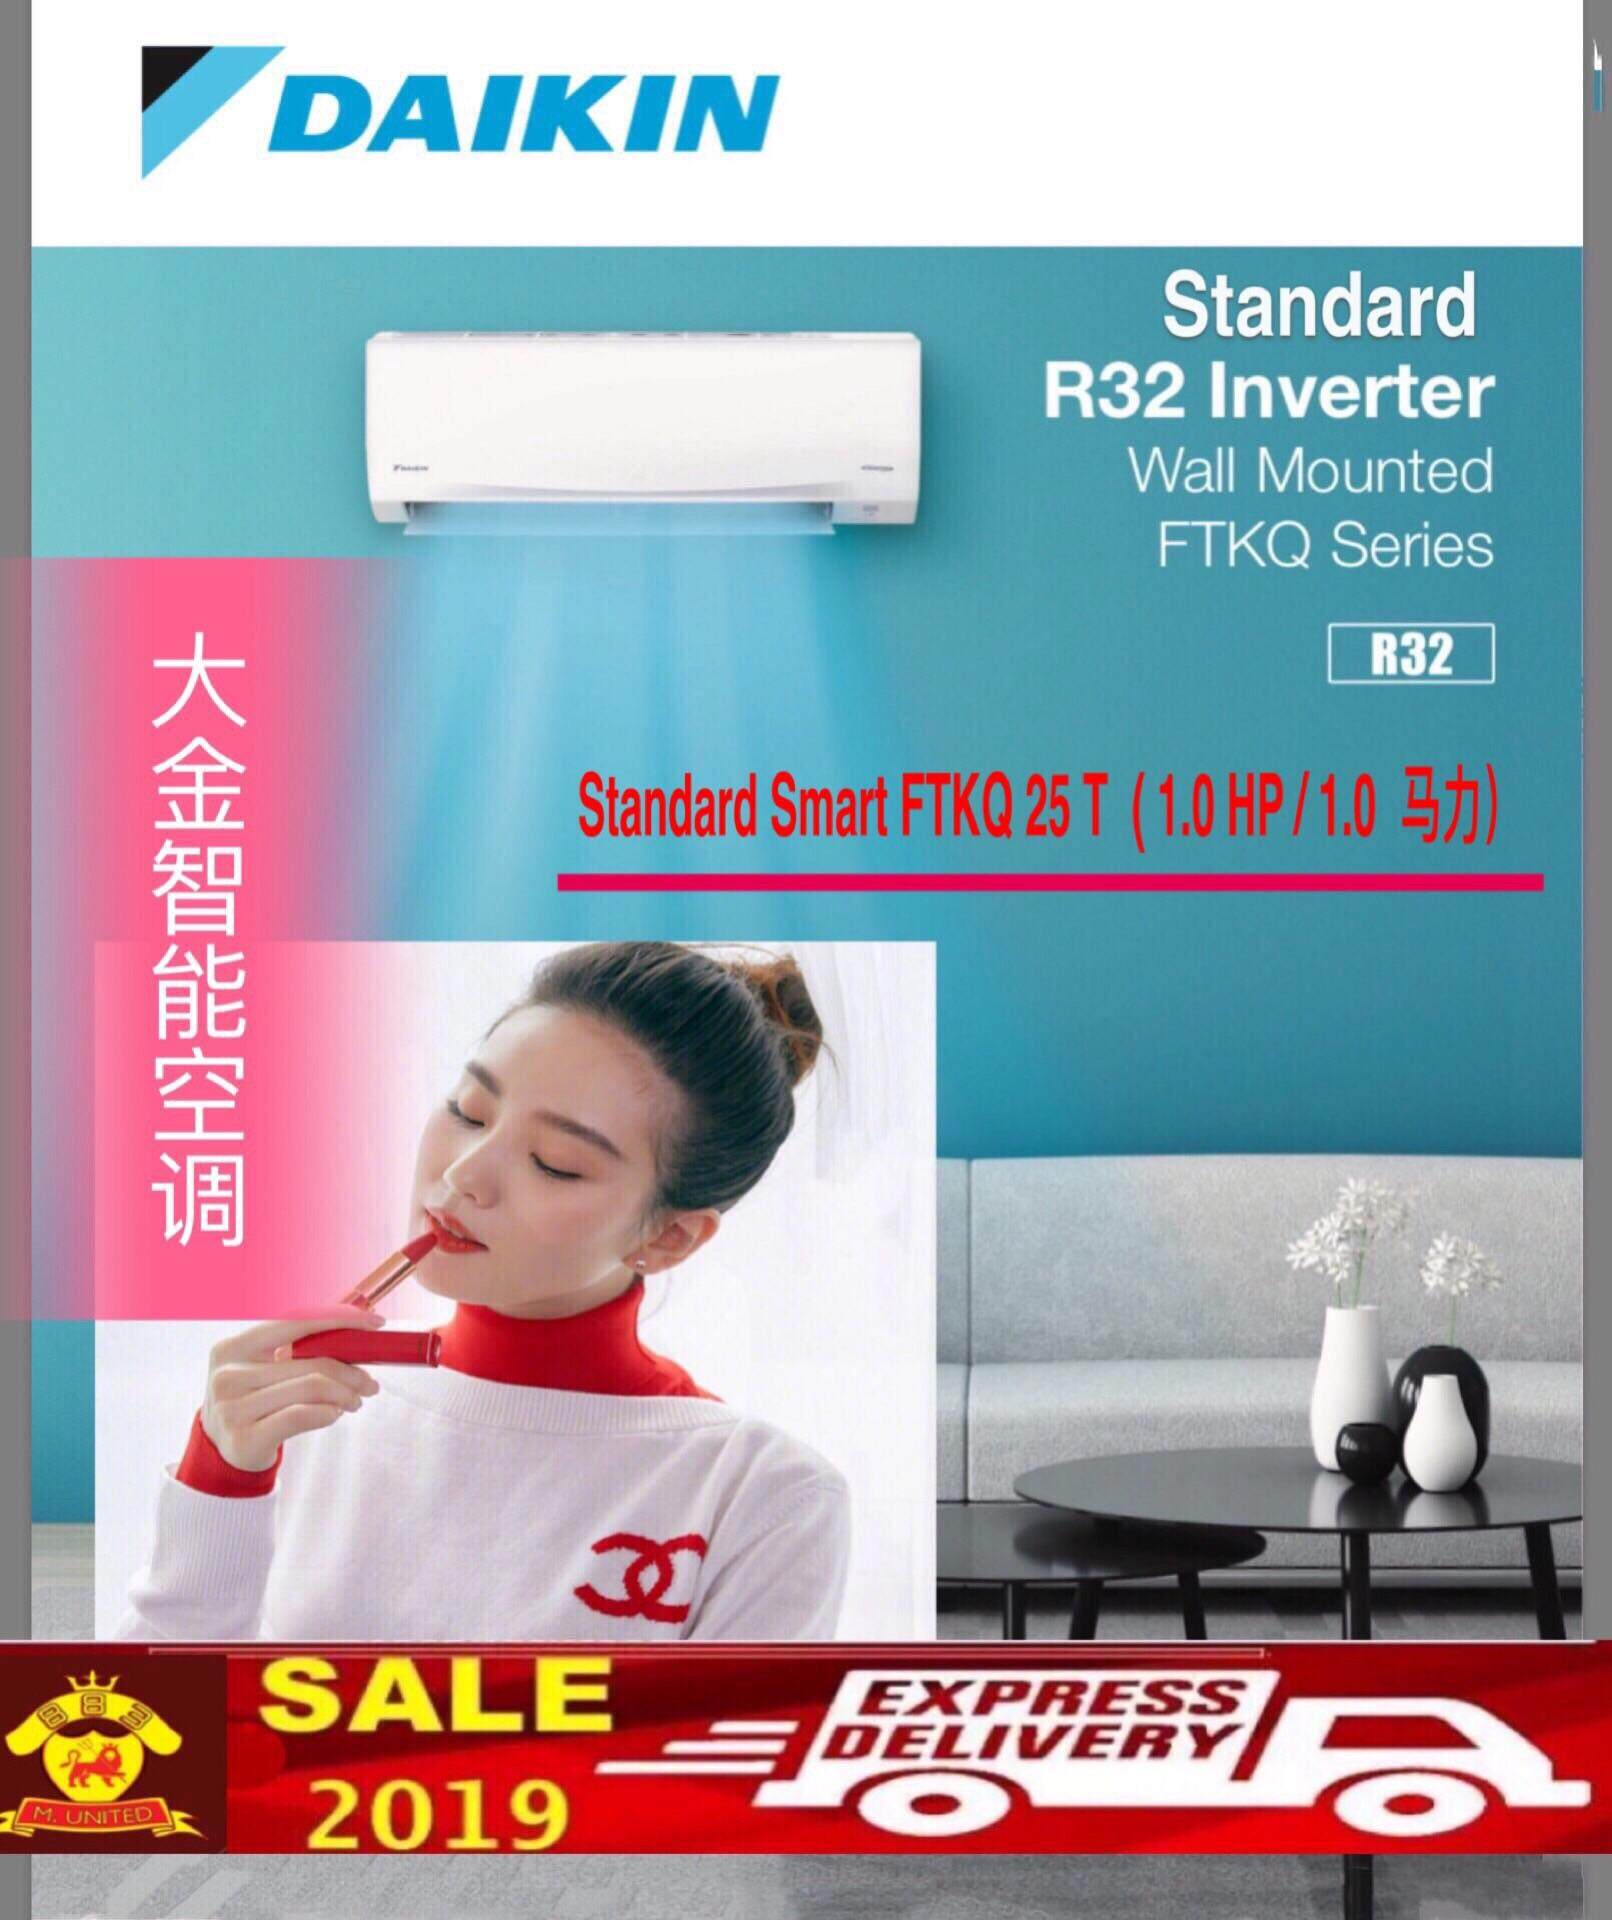 2020 NEW R32 DAIKIN SMARTO 1.0 HP (FTKQ 25T ) STANDARD INVERTER -FTKQ SERIES